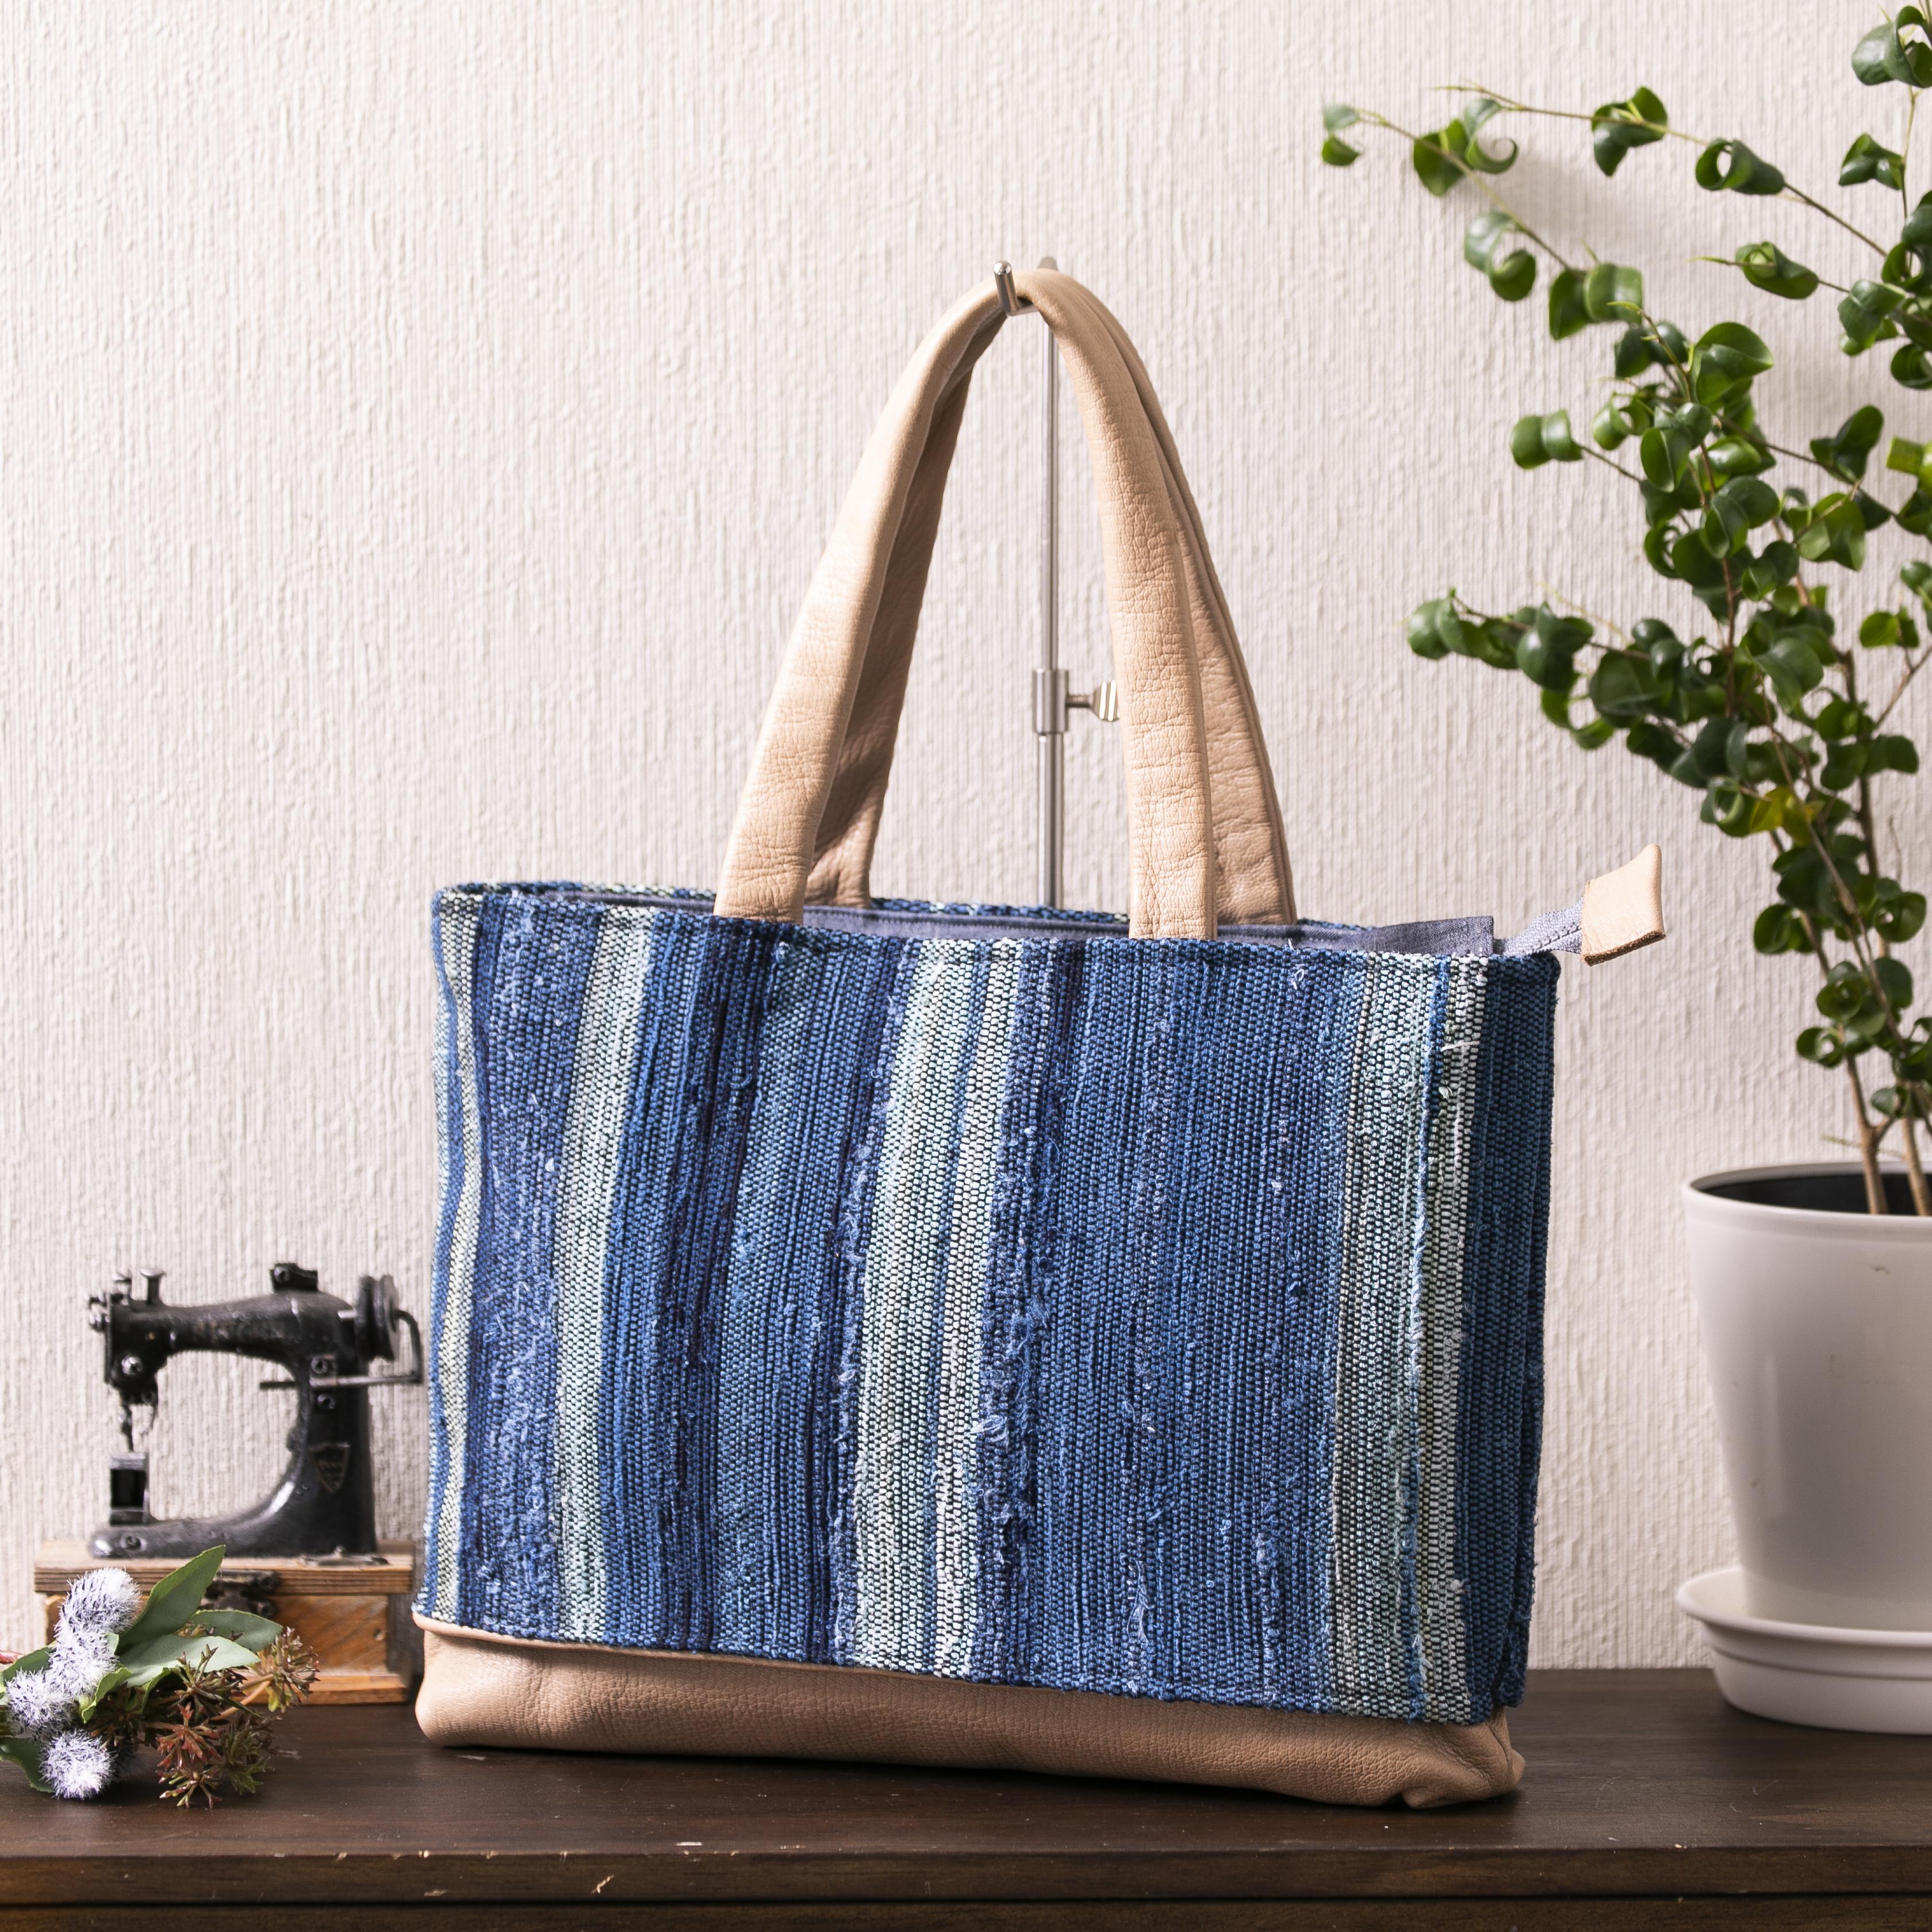 エゾシカ革付きトートバッグ(本藍染め)